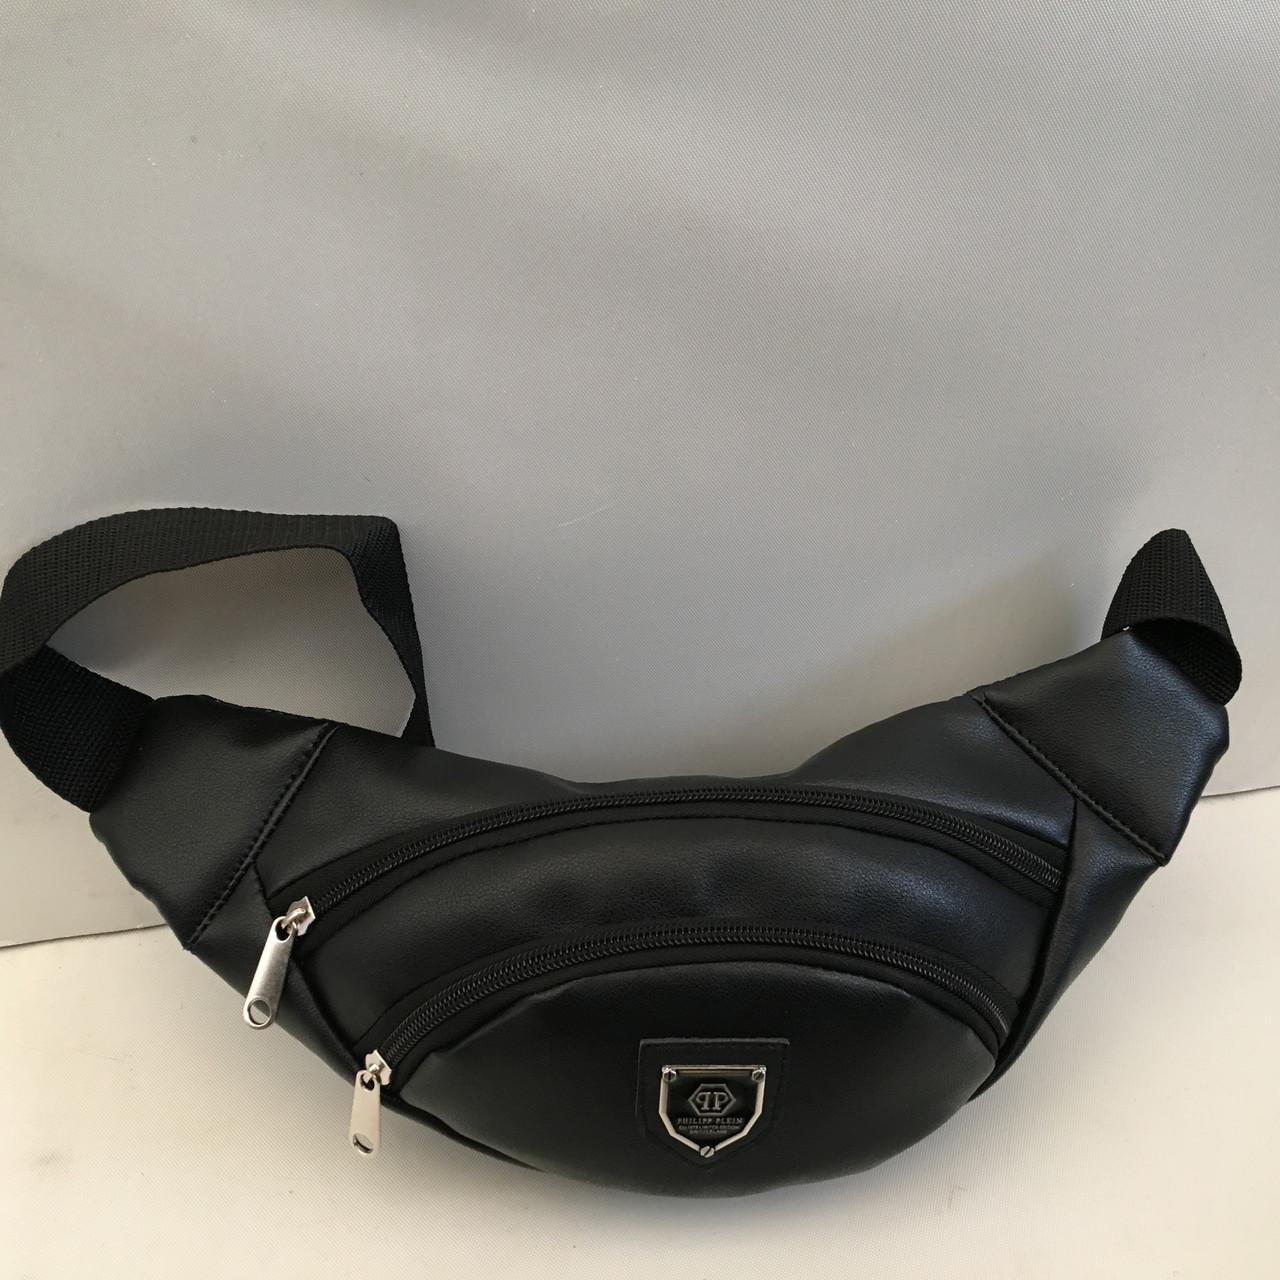 26cf1a66d0aa Бананка, барсетка, сумка на пояс из эко-кожа поясная сумочка Philipp Plein